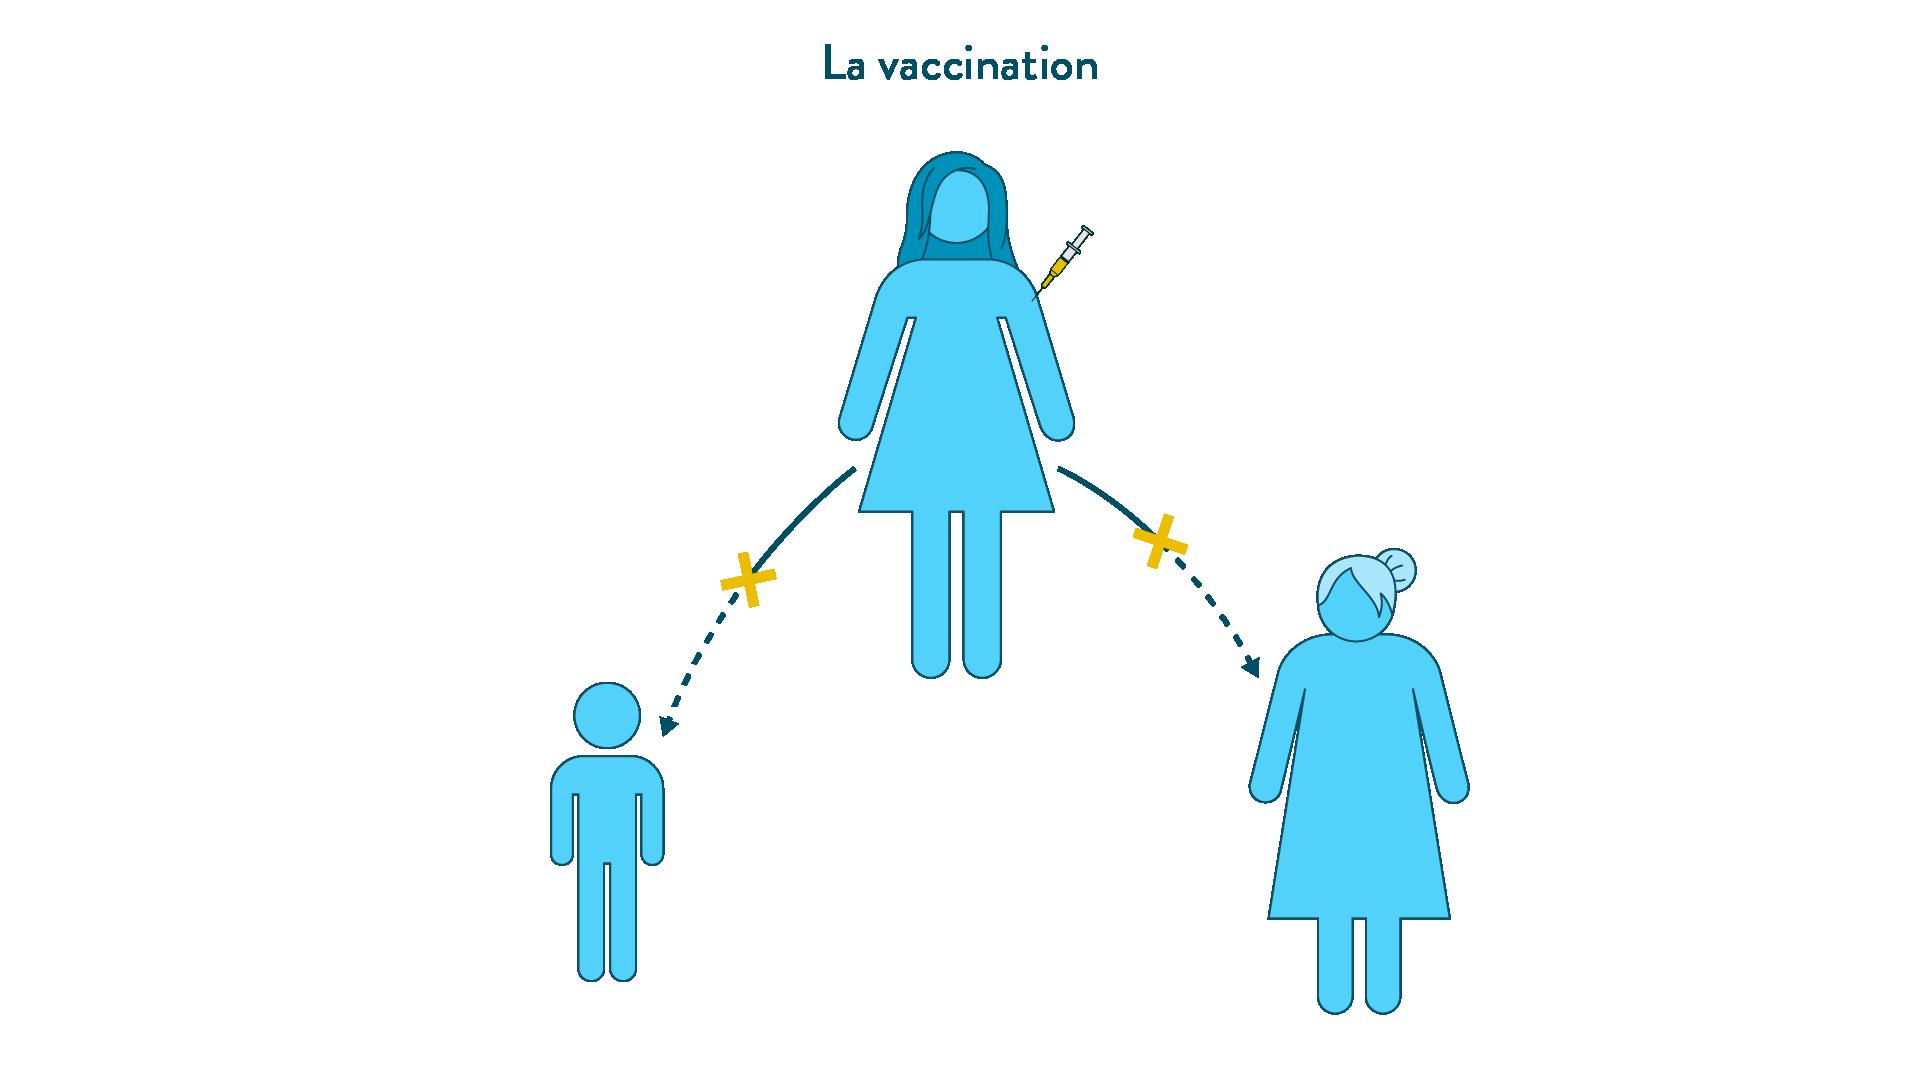 Le rôle préventif de la vaccination à l'échelle d'une population